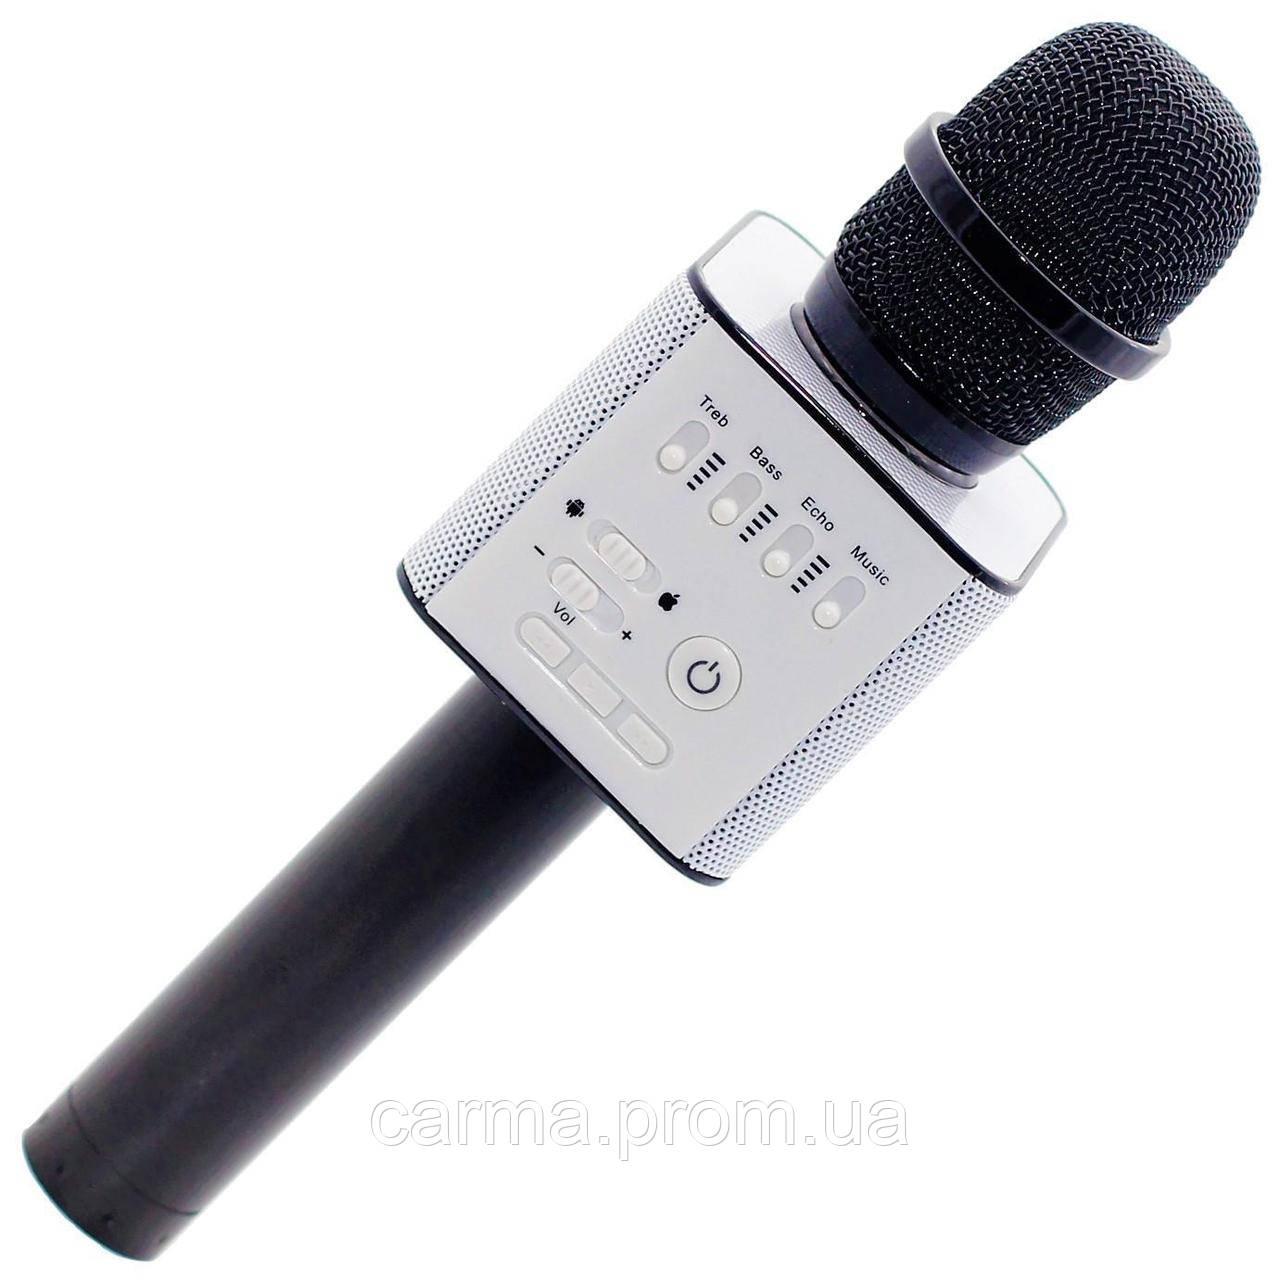 Караоке микрофон KTV Q9 Черный